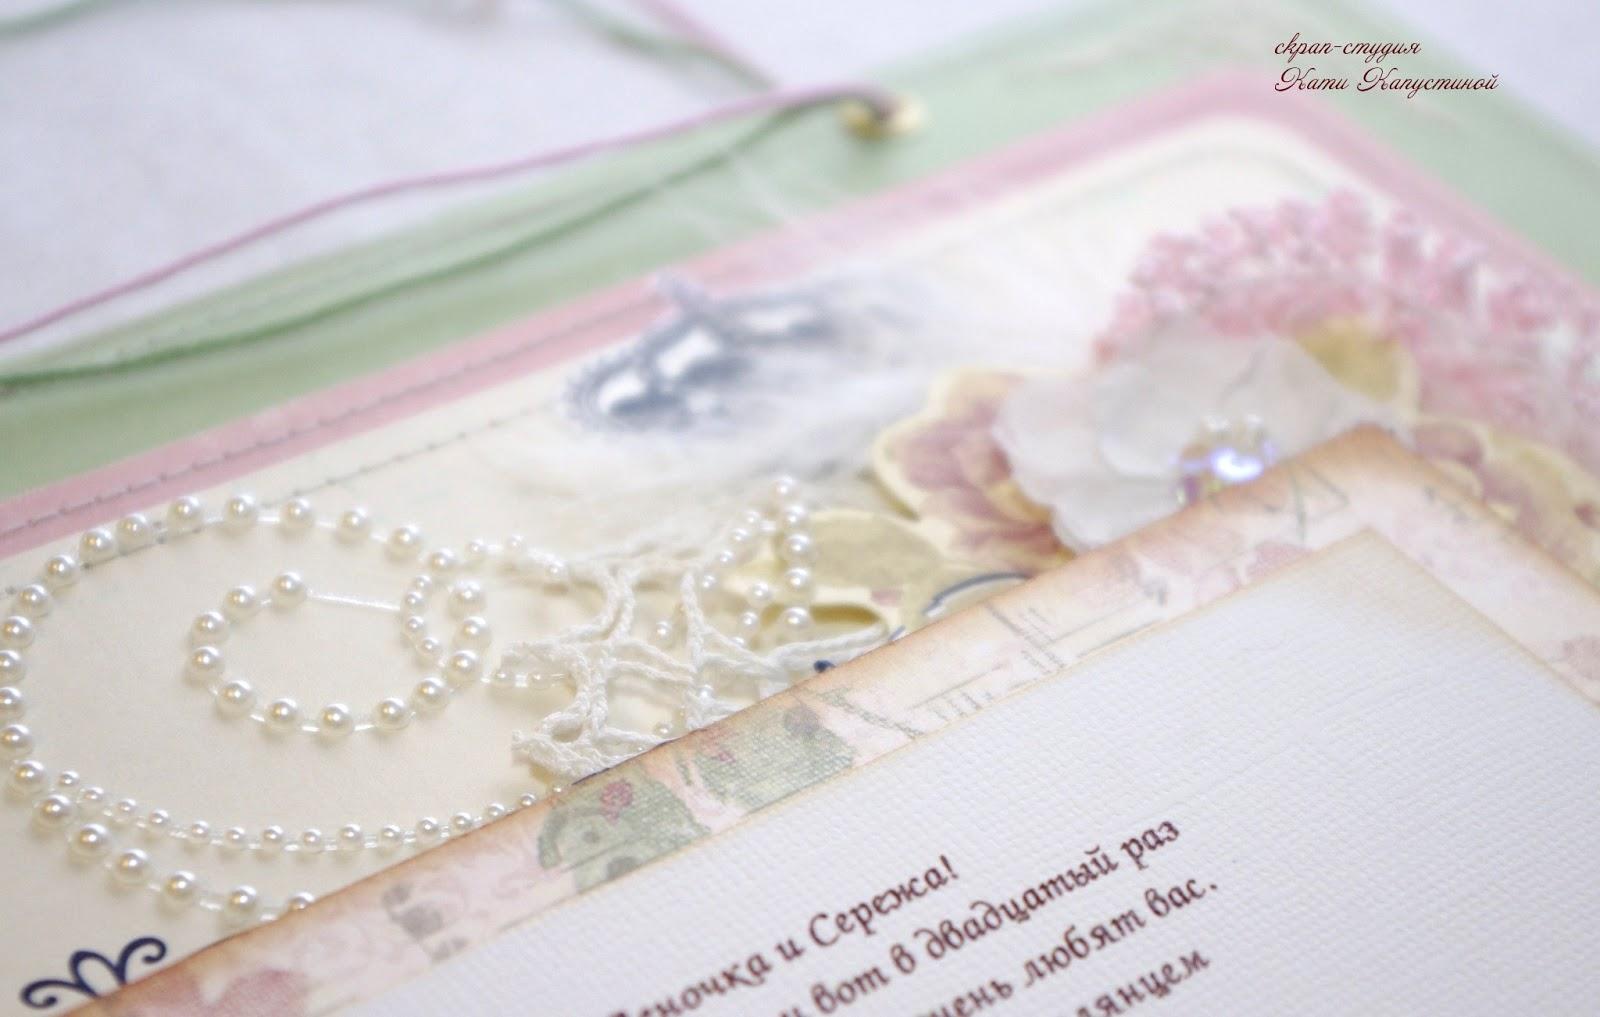 Более 400 бесплатных свадебных рамок для онлайн фотомонтажа 19